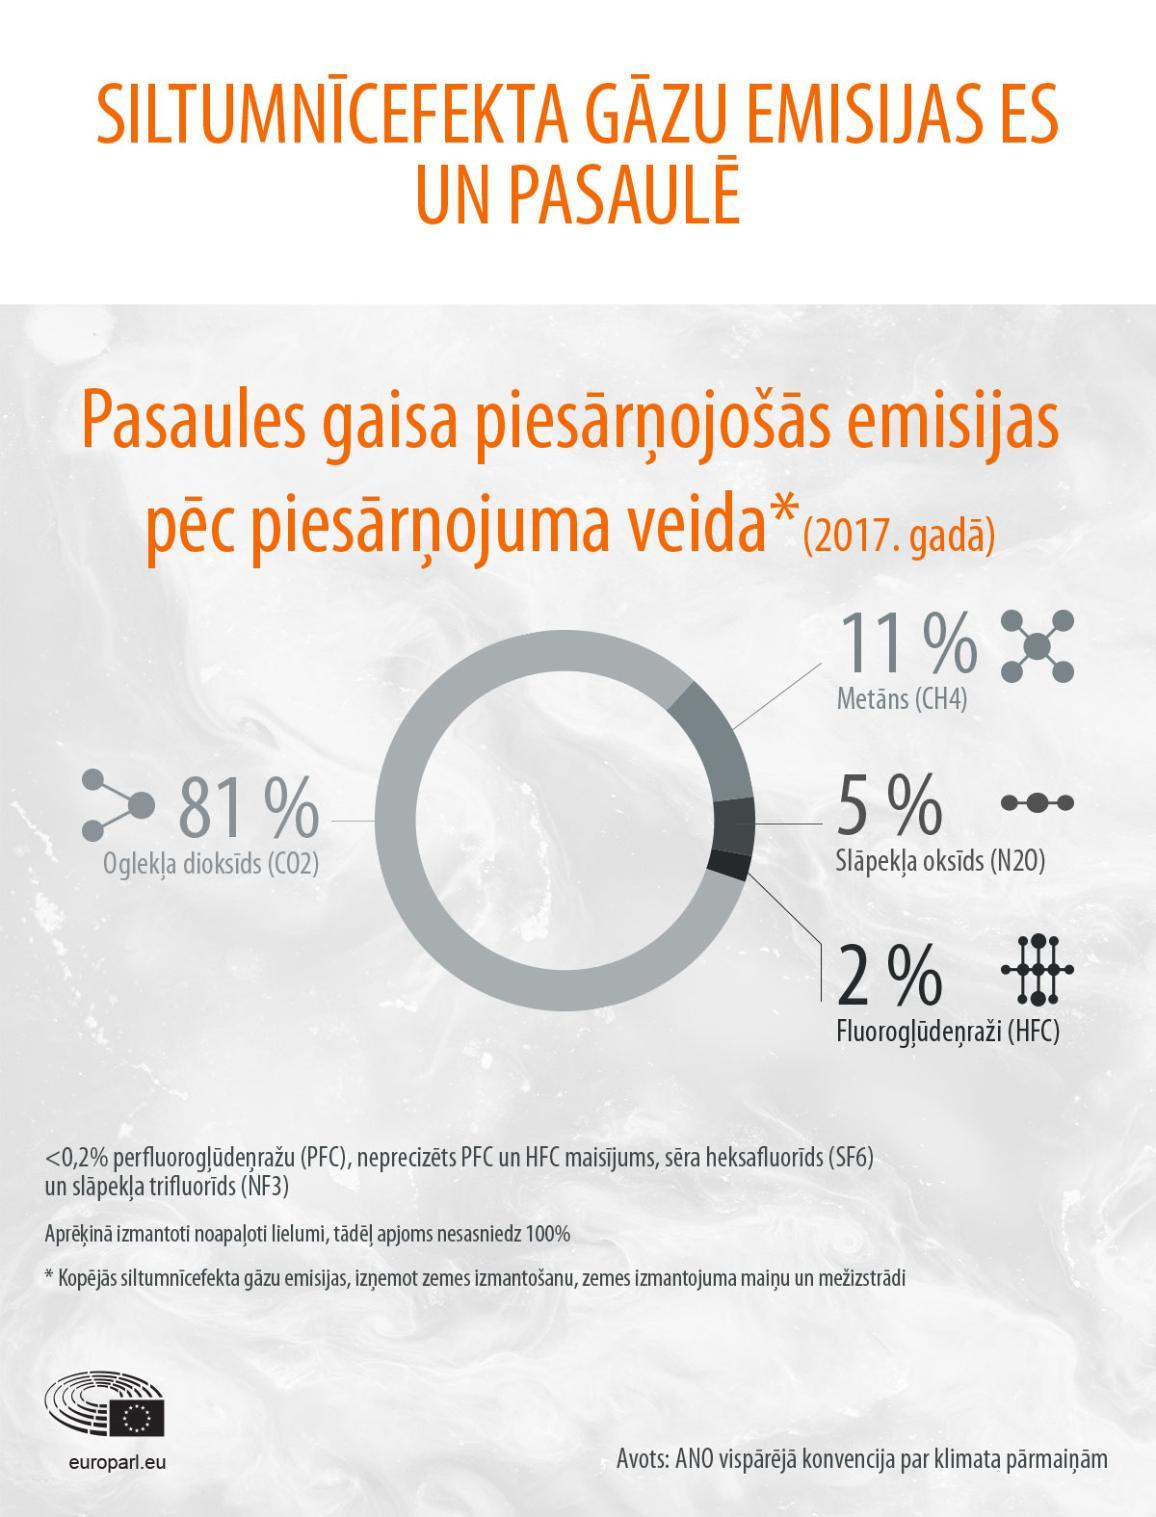 Infografika: Pasaules gaisa piesārņojošās emisijas pēc piesārņojuma veida 2017. gadā.